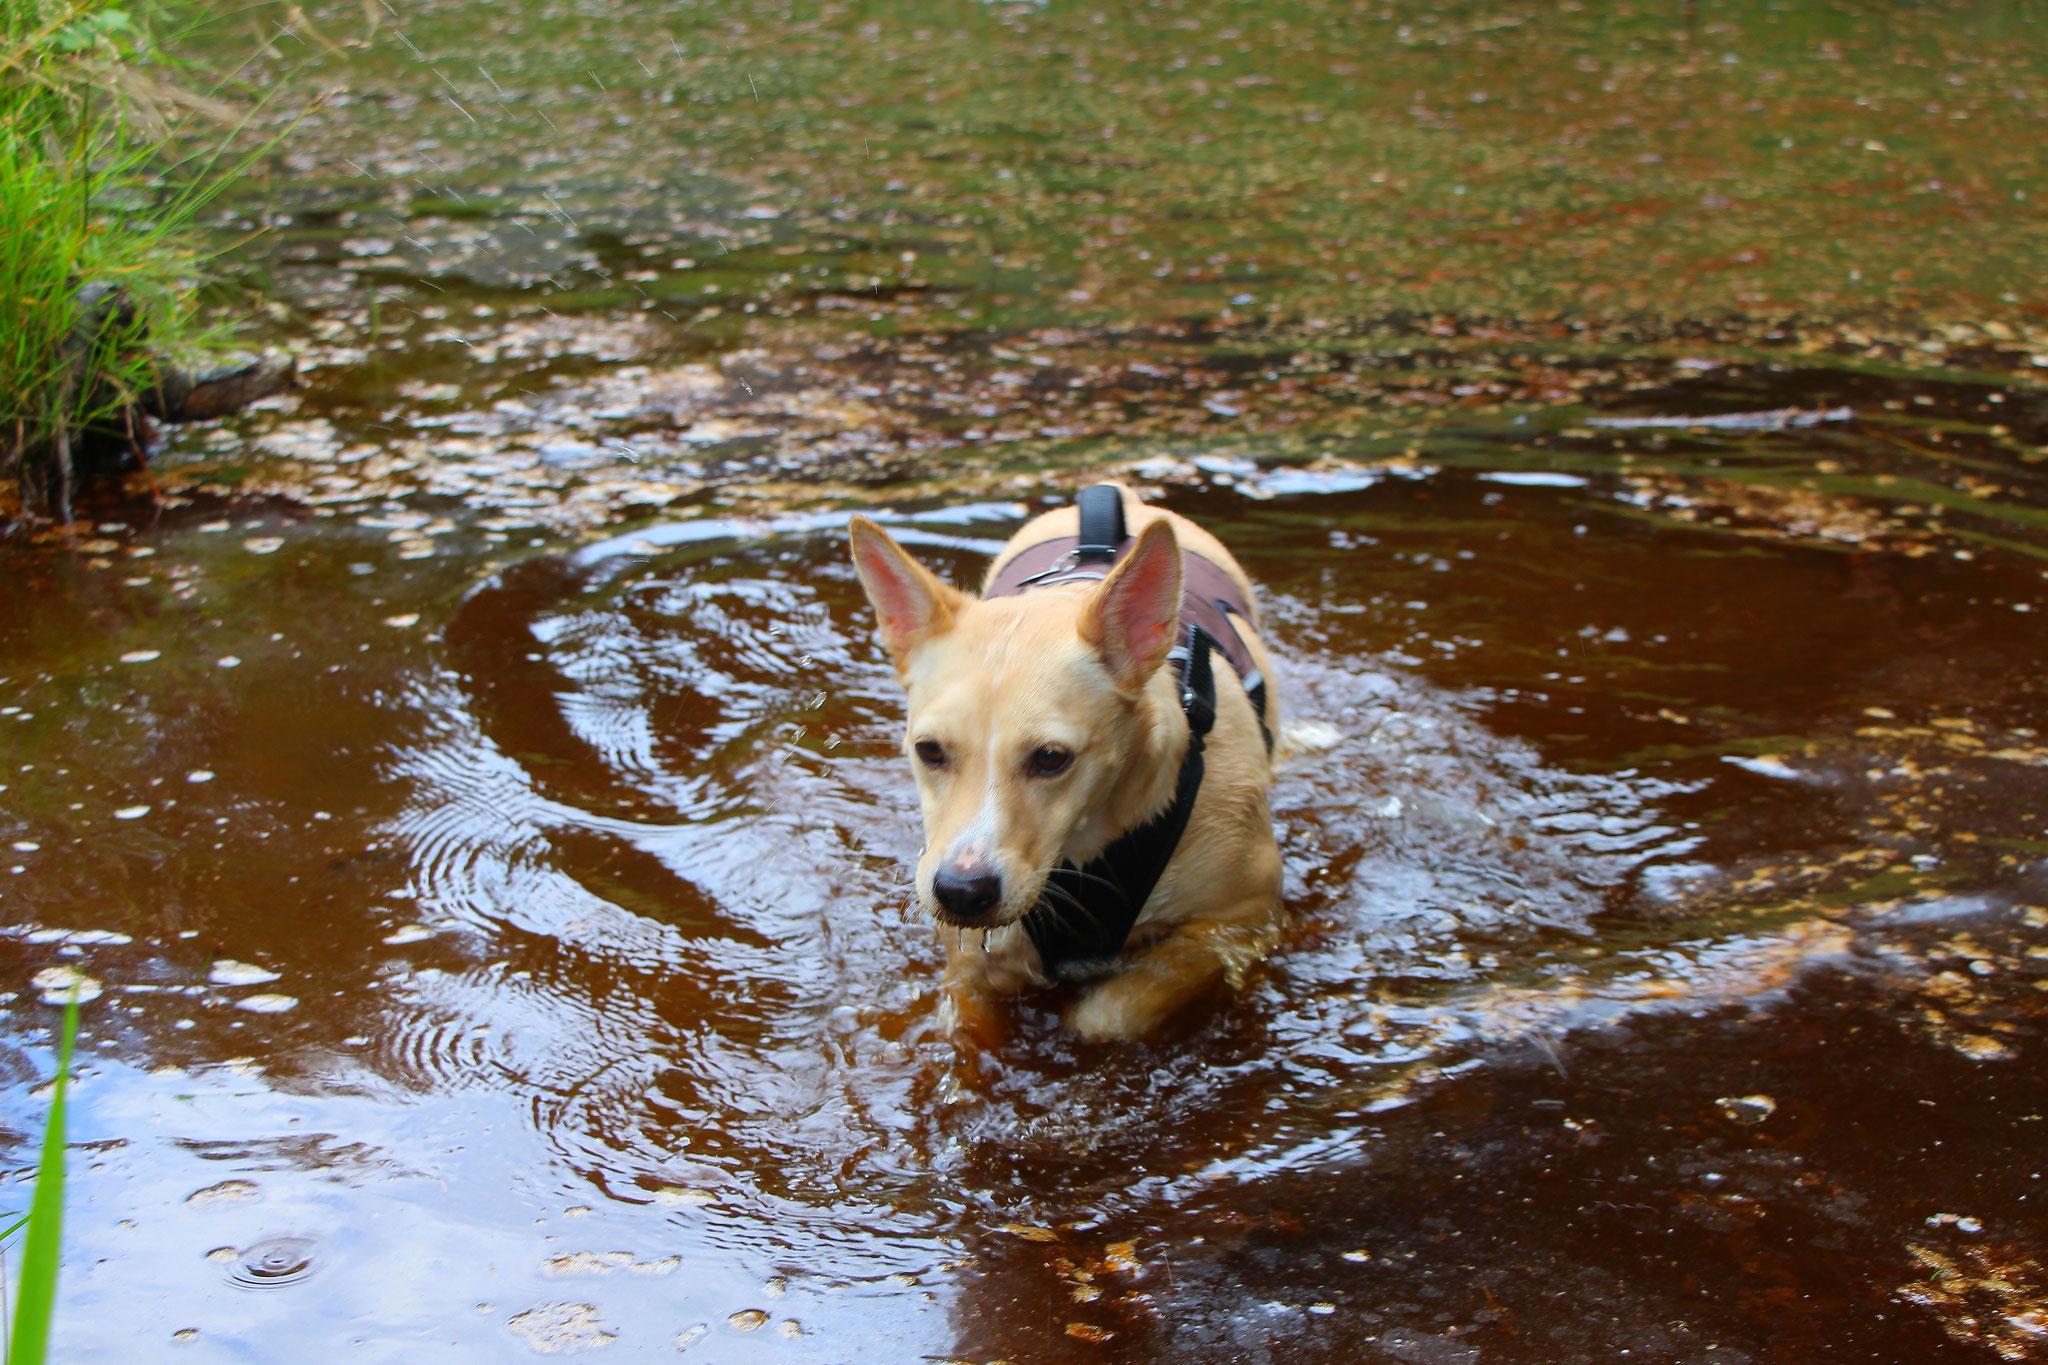 Urlaubsgast Joy hat den Hundebadeteich im Wald entdeckt